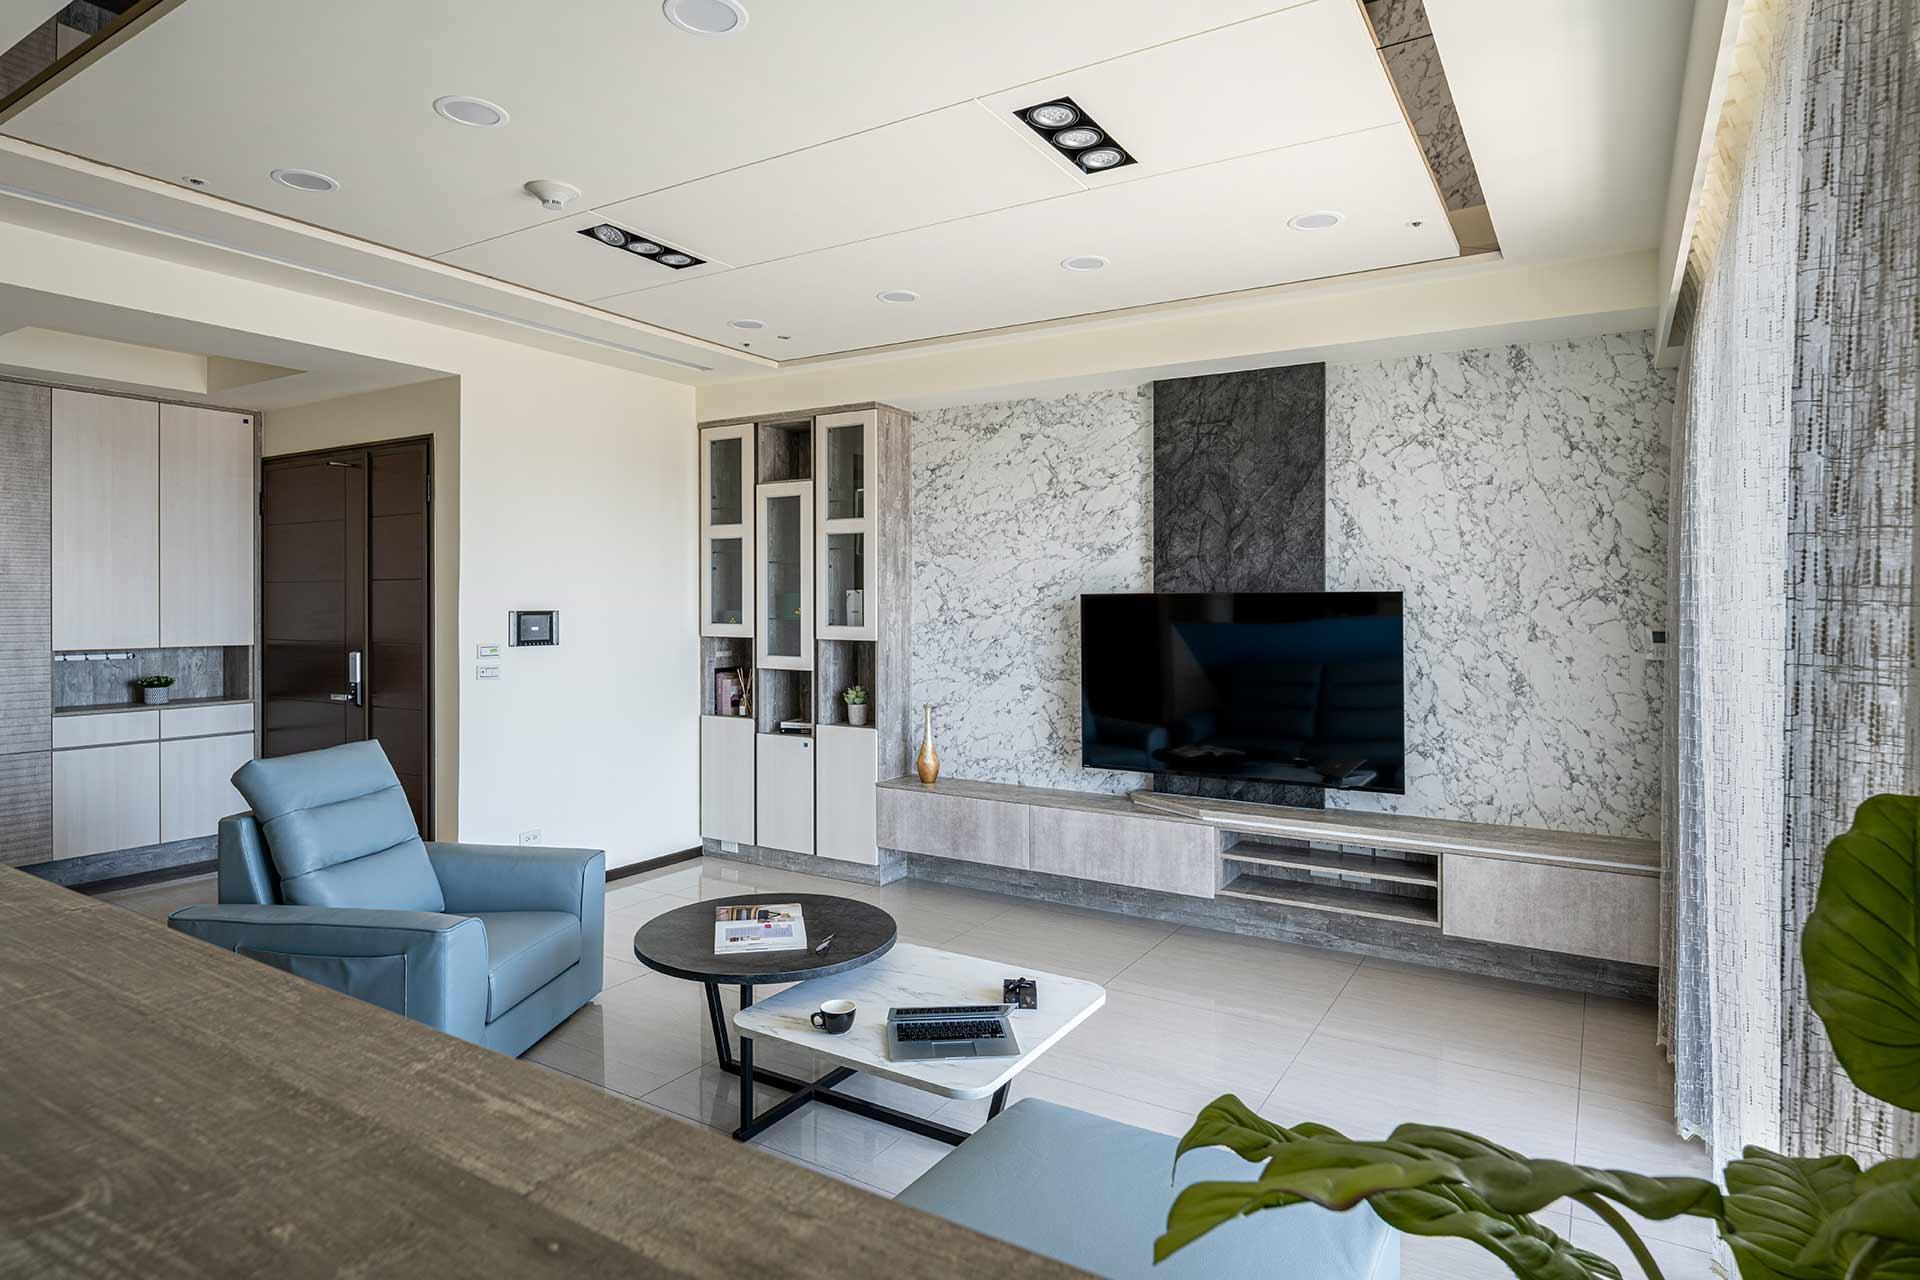 明亮簡約風層次堆疊高質感,室內設計案例